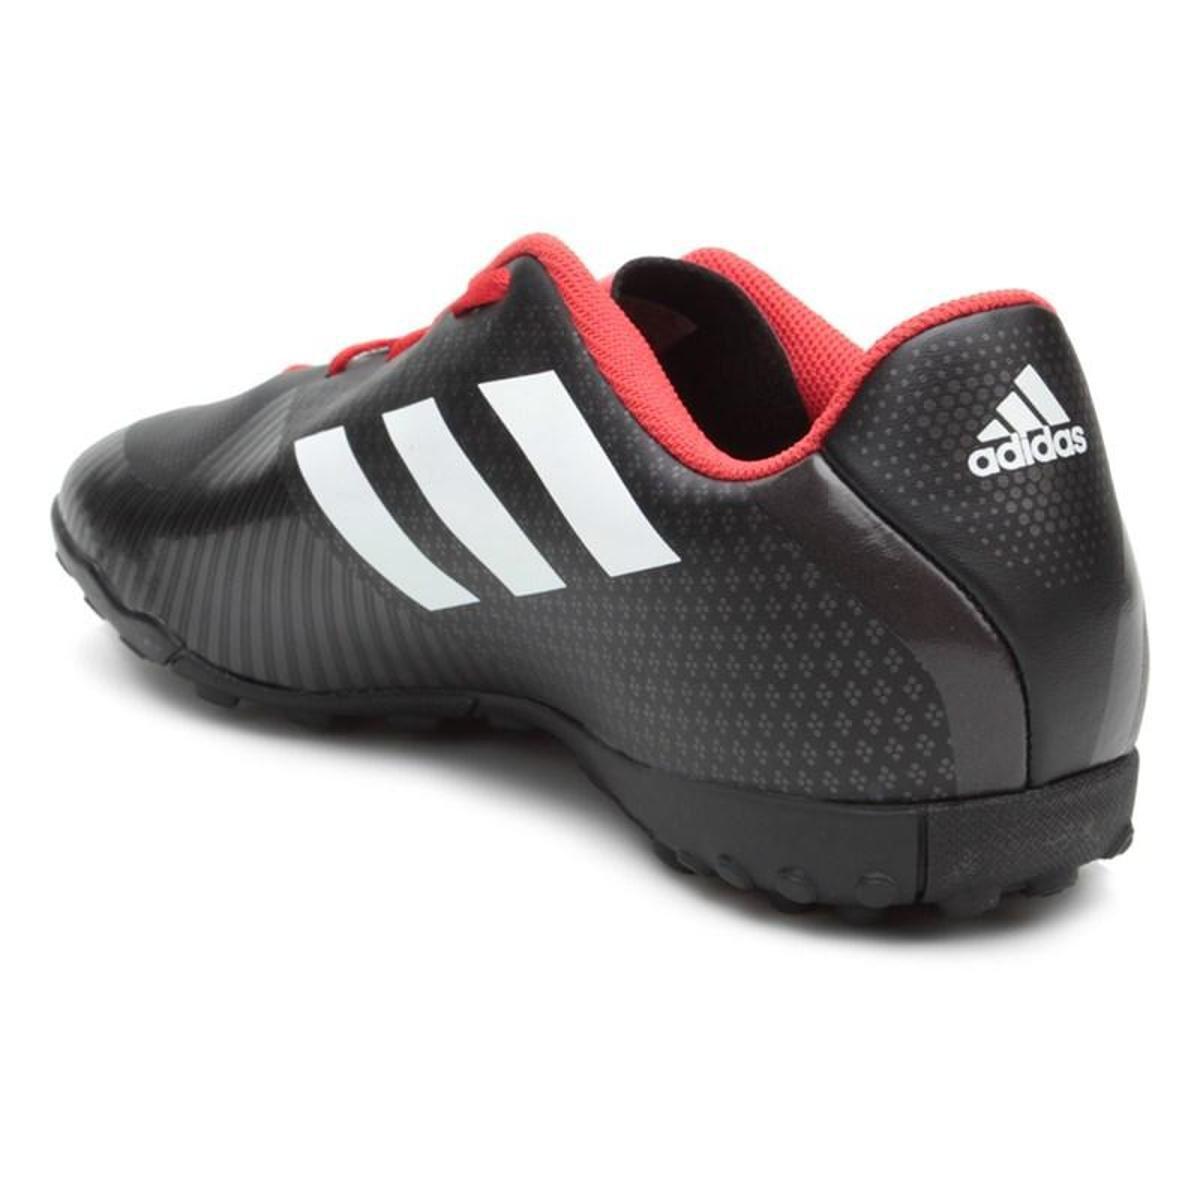 48141ddbde Chuteira Society Adidas Artilheira III TF - Tam: 44 - Shopping TudoAzul